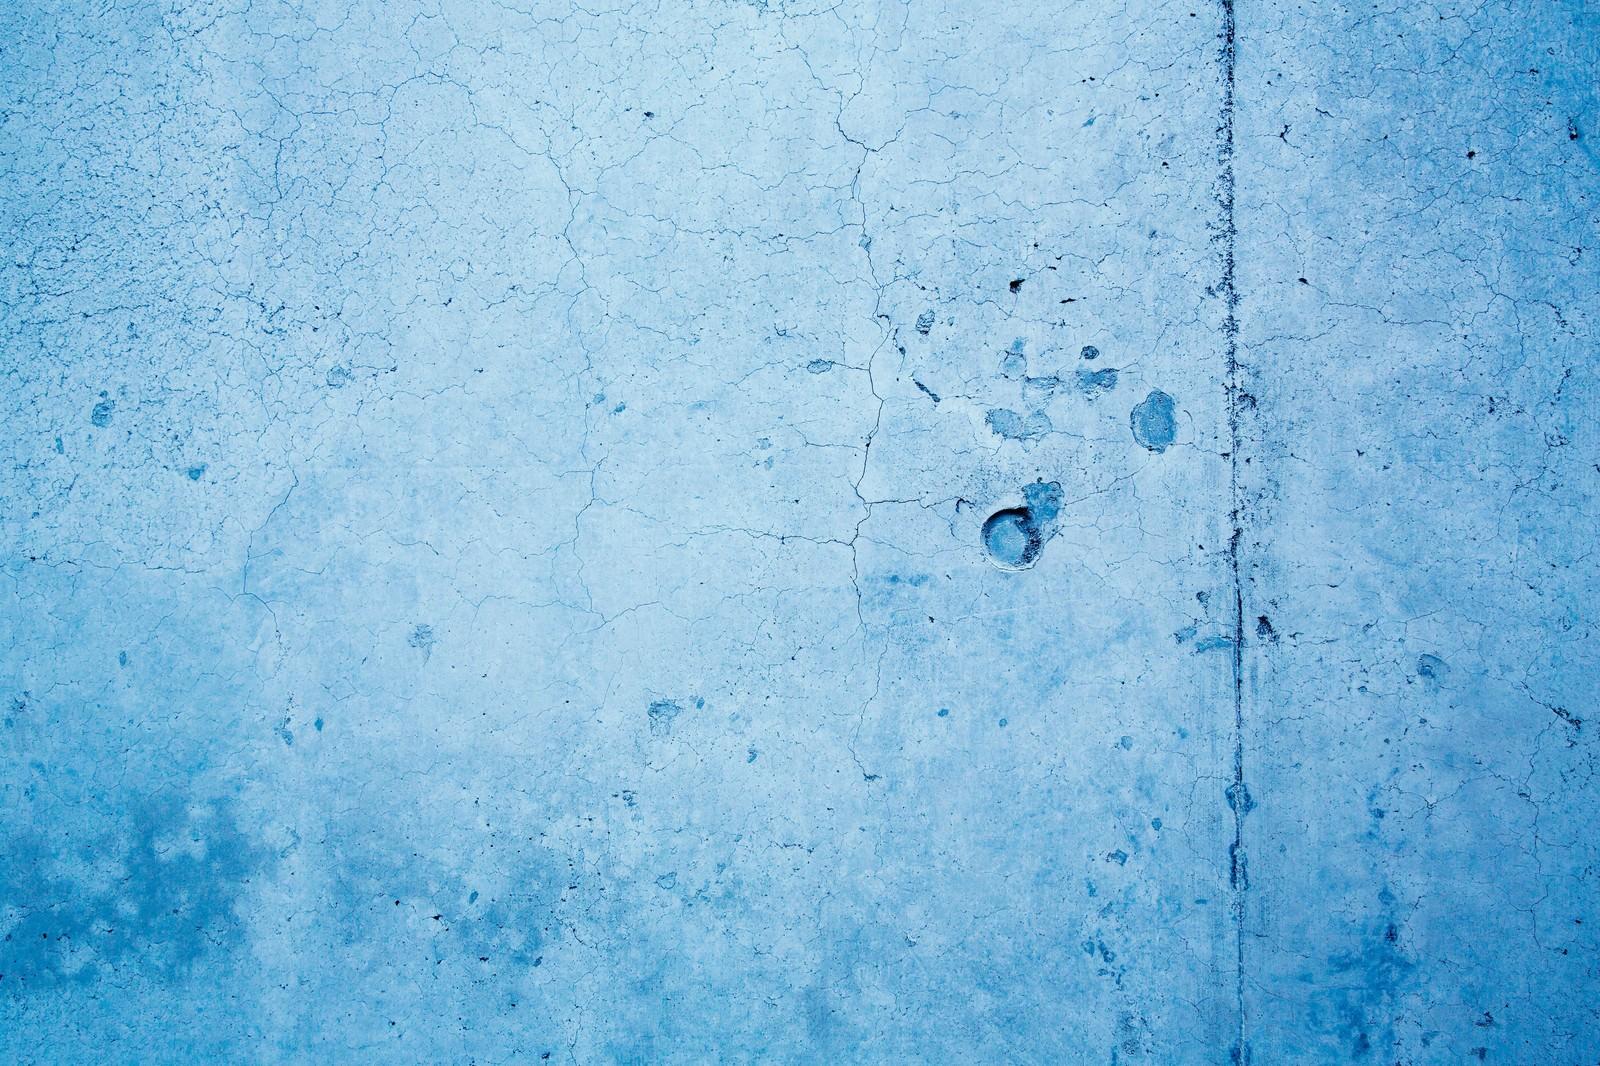 「ヒビ割れた青い壁(テクスチャー)」の写真